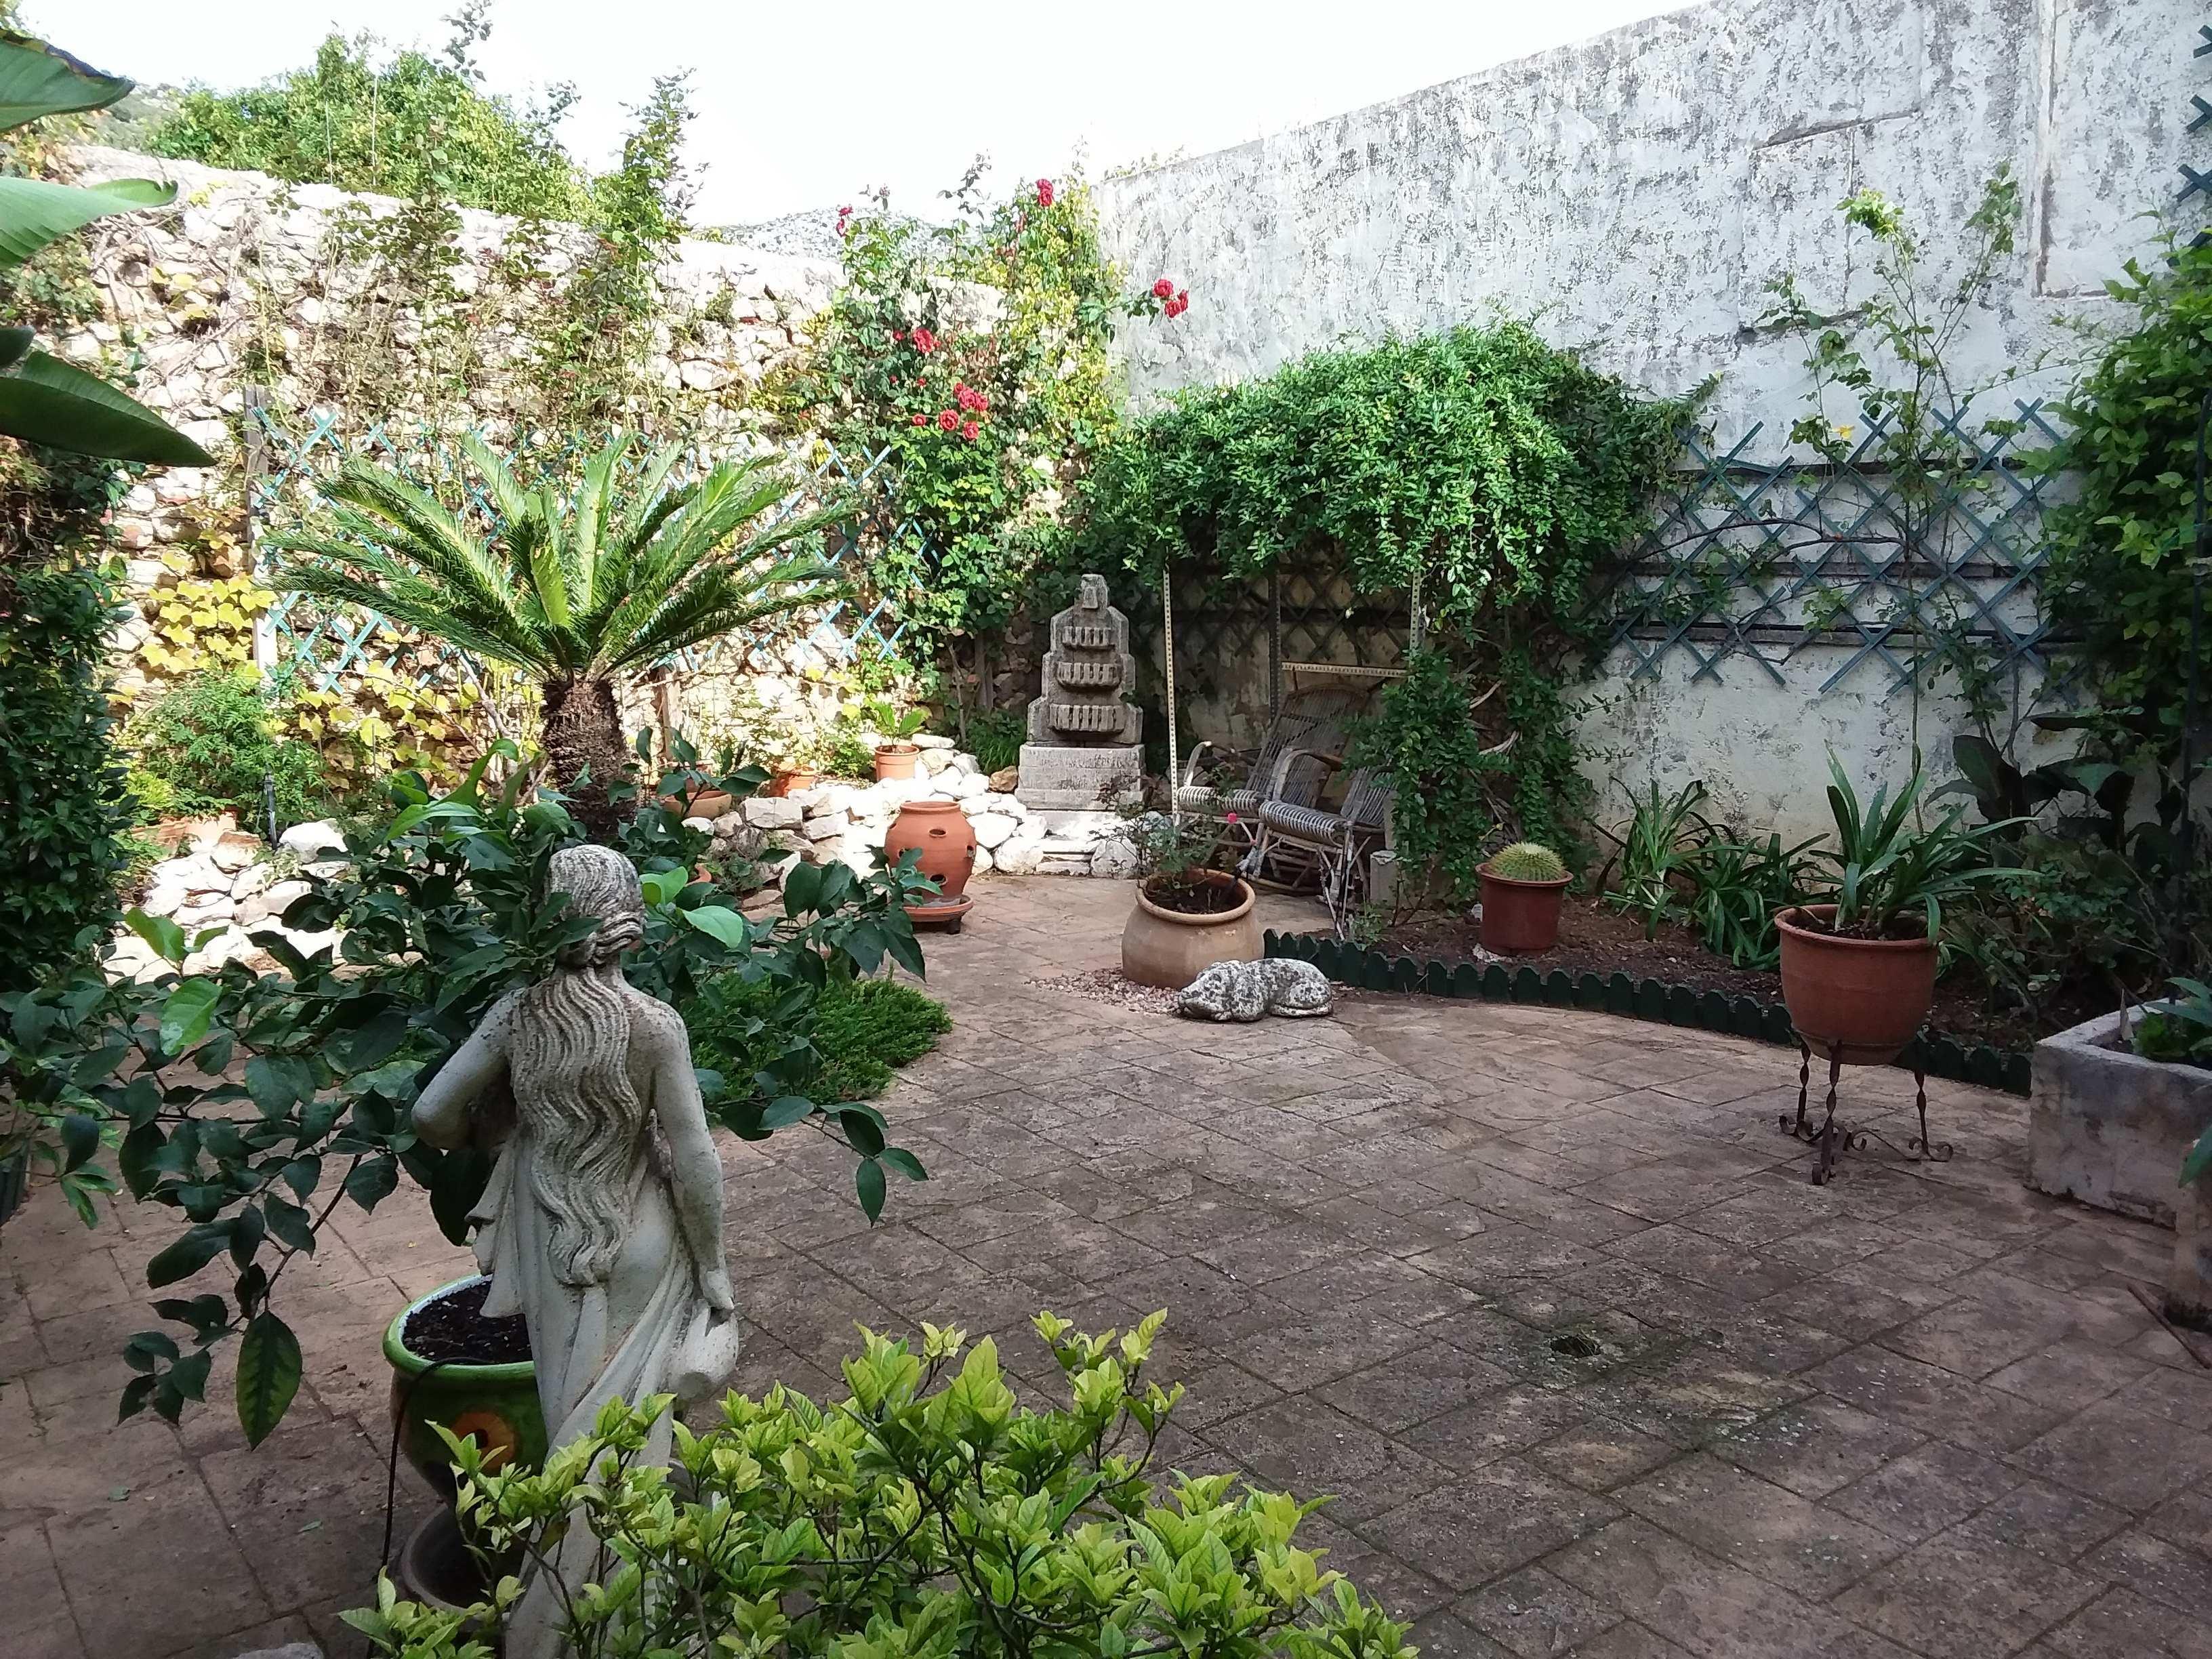 Galerie de photos - 2 - Olea-Home   Real Estate en Orba y Teulada-Moraira  